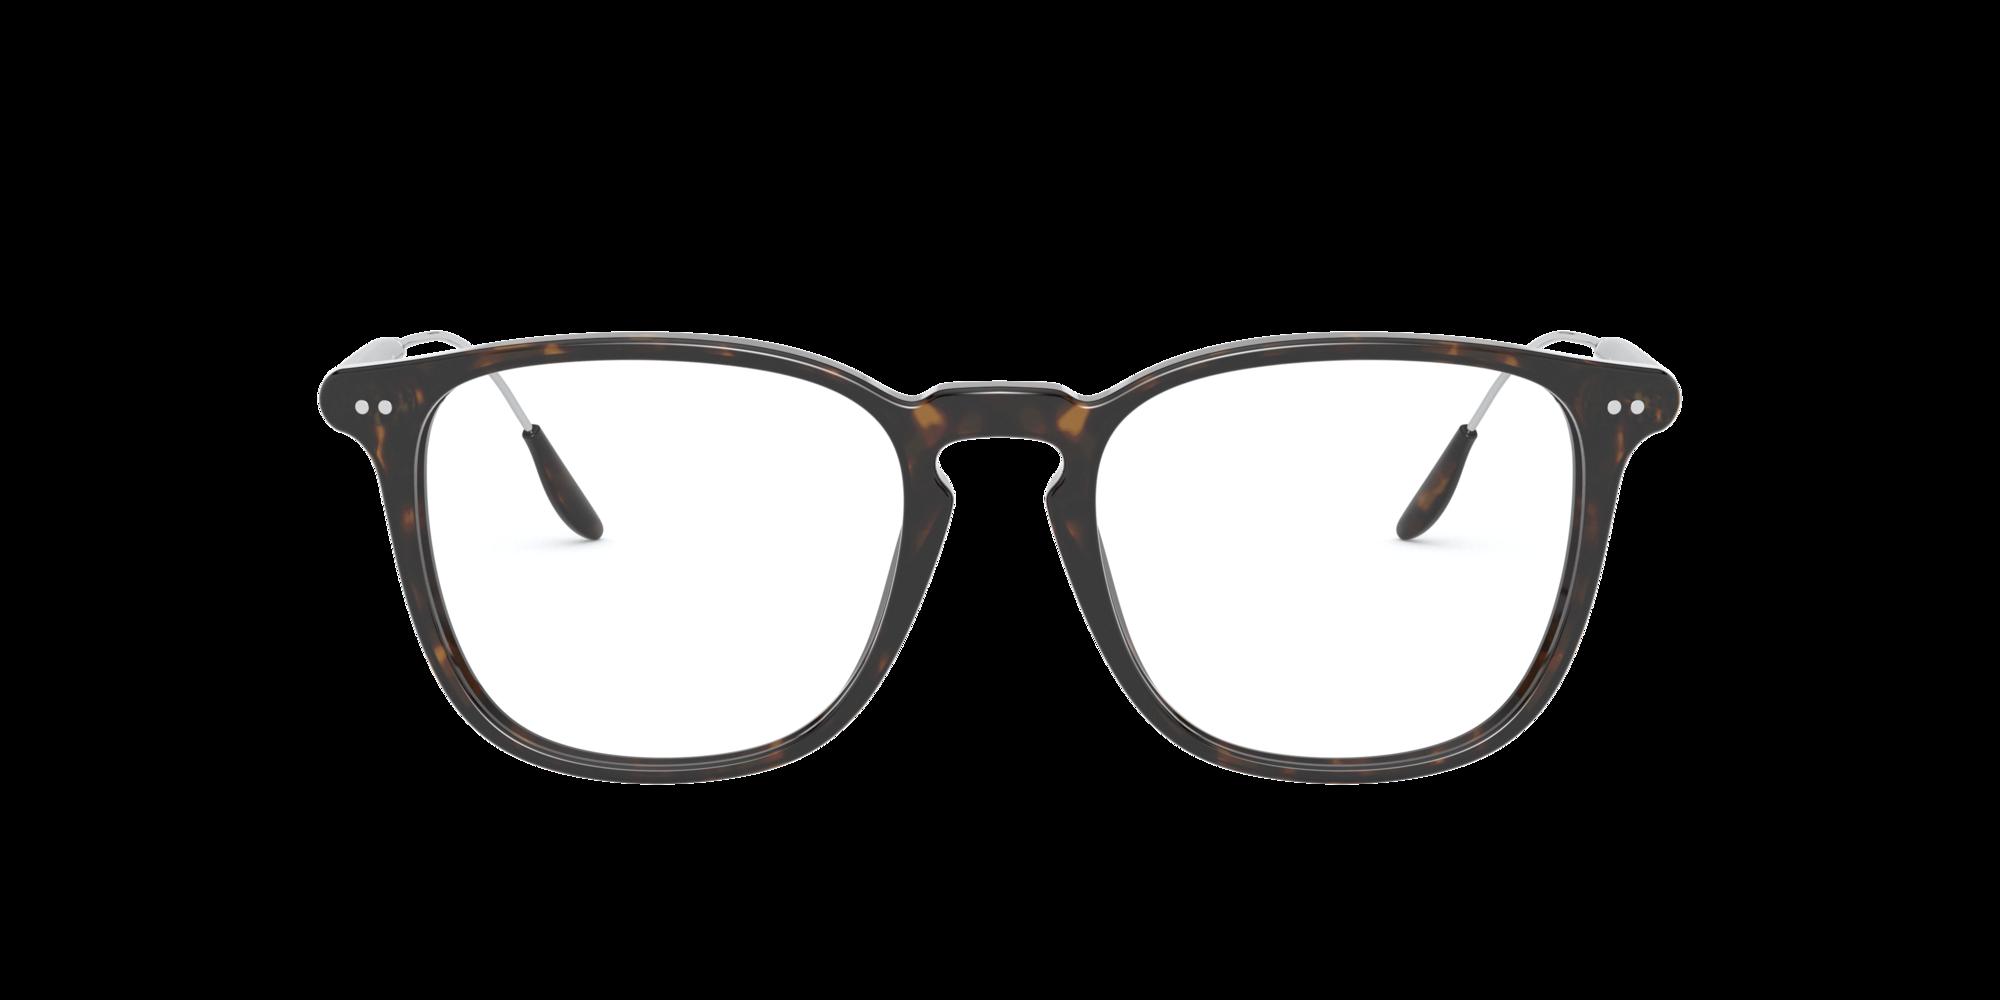 Imagen para RL6196P de LensCrafters |  Espejuelos, espejuelos graduados en línea, gafas